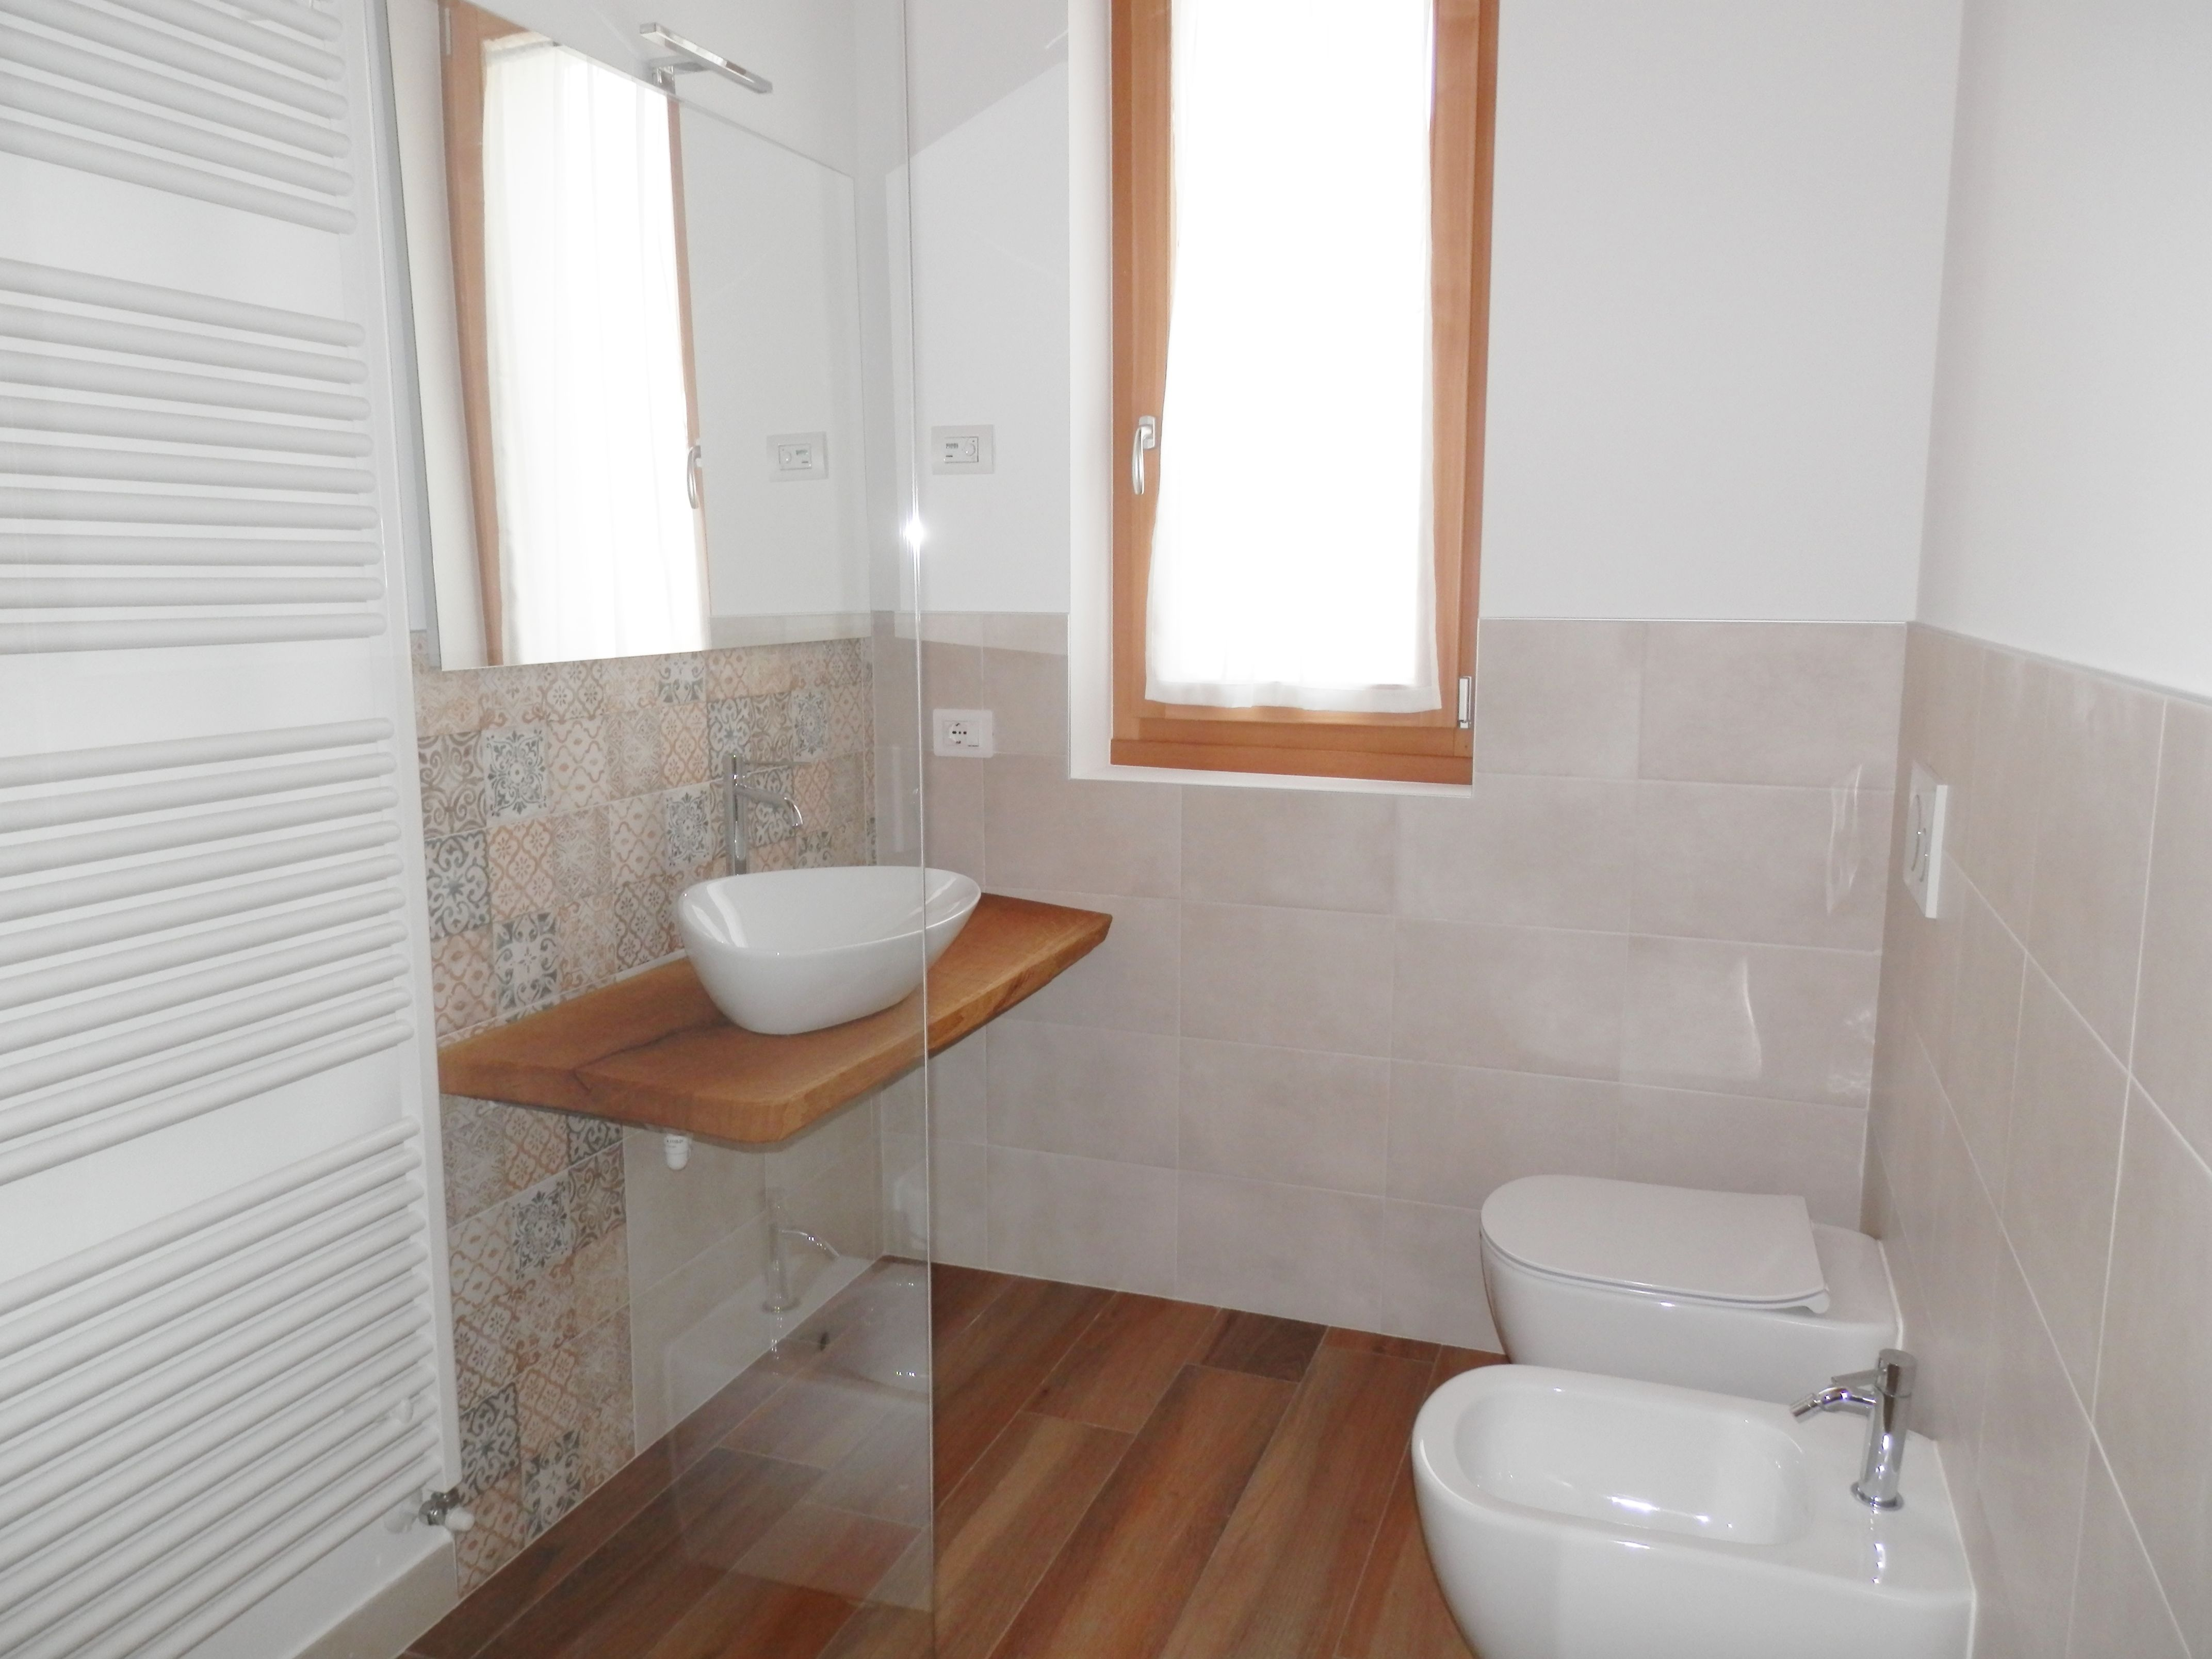 Appartamento bilocale Riel | Agriturismo Fioralba Lago di Garda